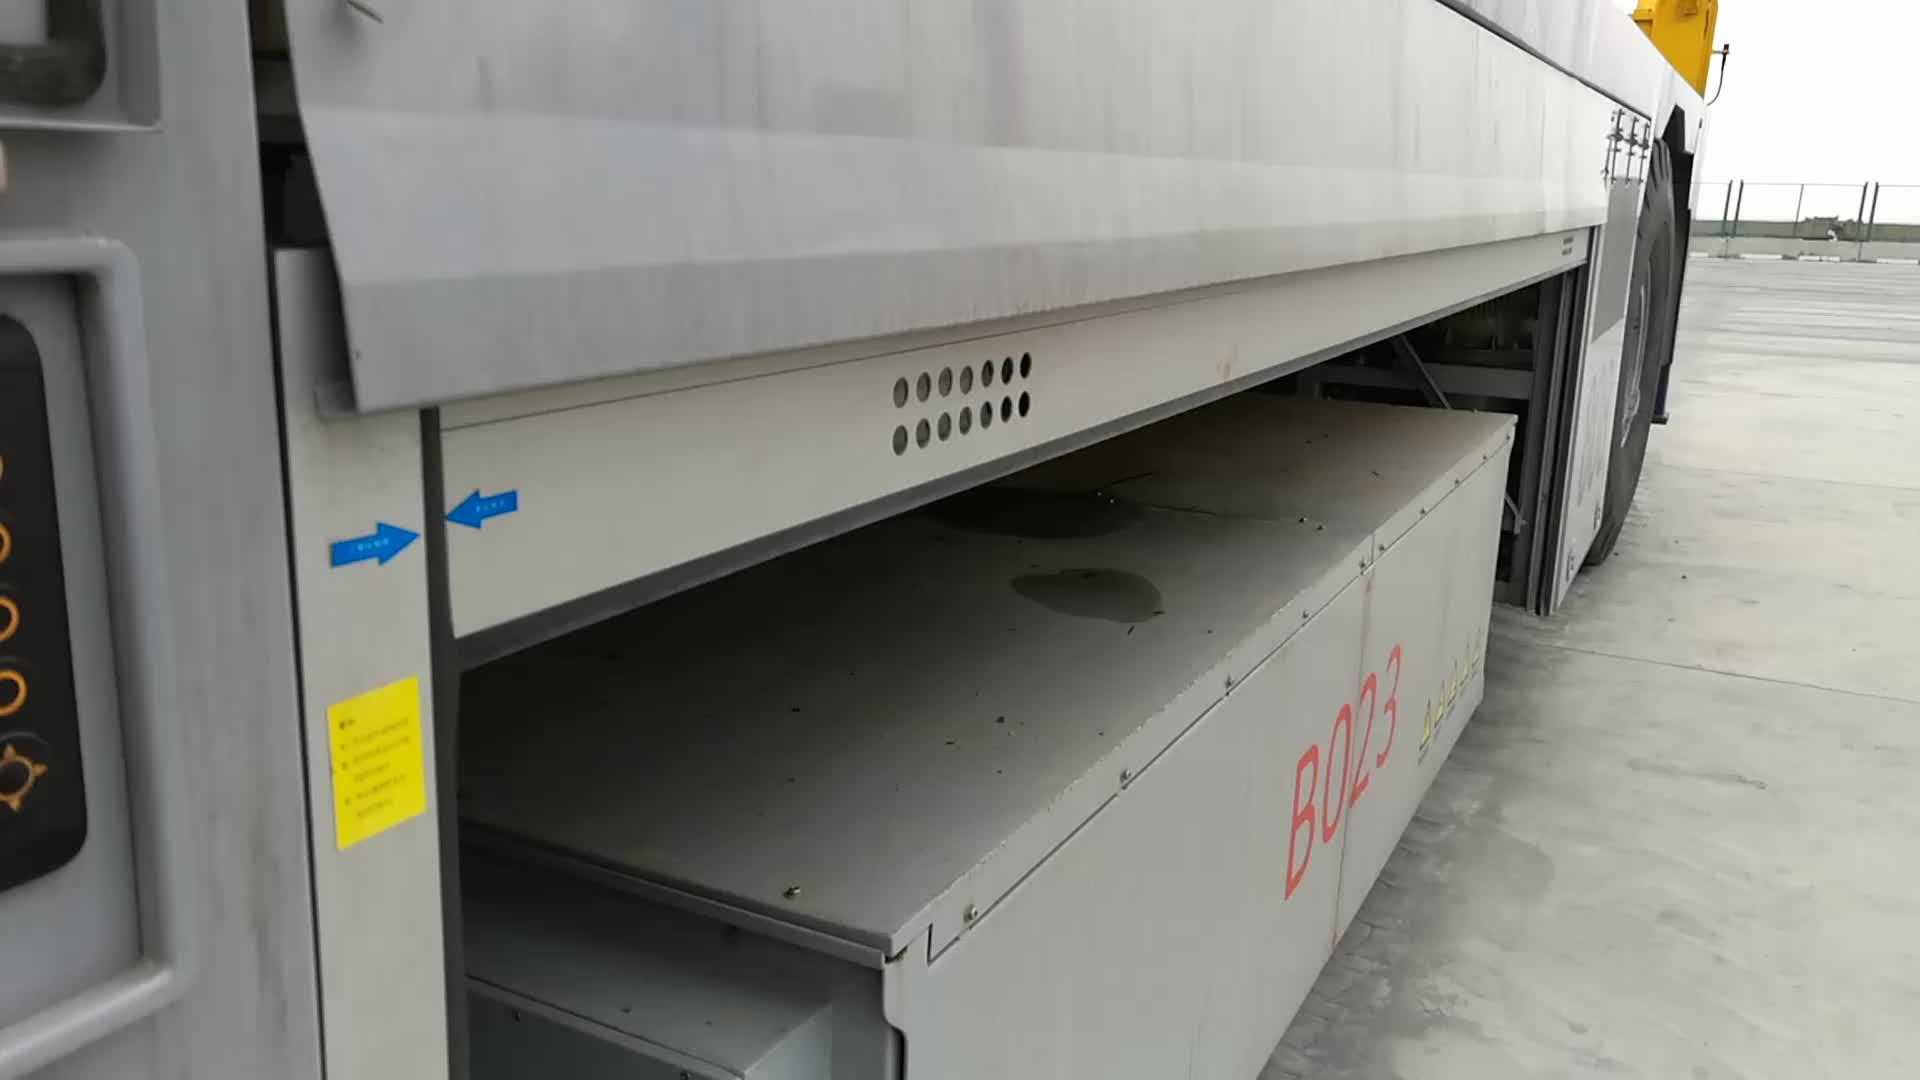 อลูมิเนียม Roller Shutter สำหรับห้องครัวตู้เฟอร์นิเจอร์